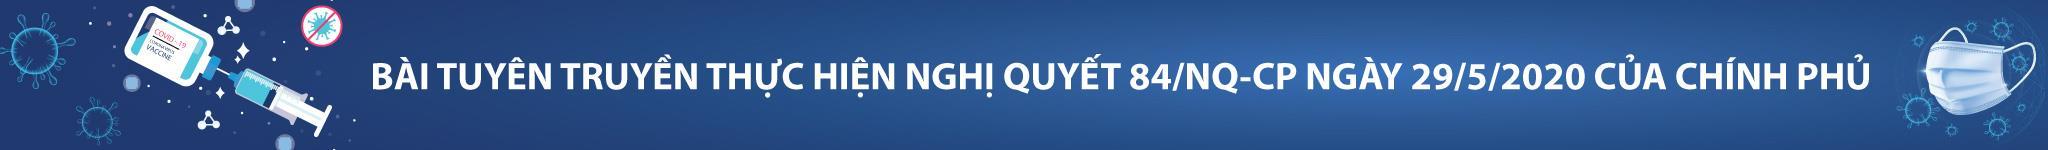 'Mở cửa' Phú Quốc: Cân nhắc chính thức giờ 'G' đón khách quốc tế - ảnh 3